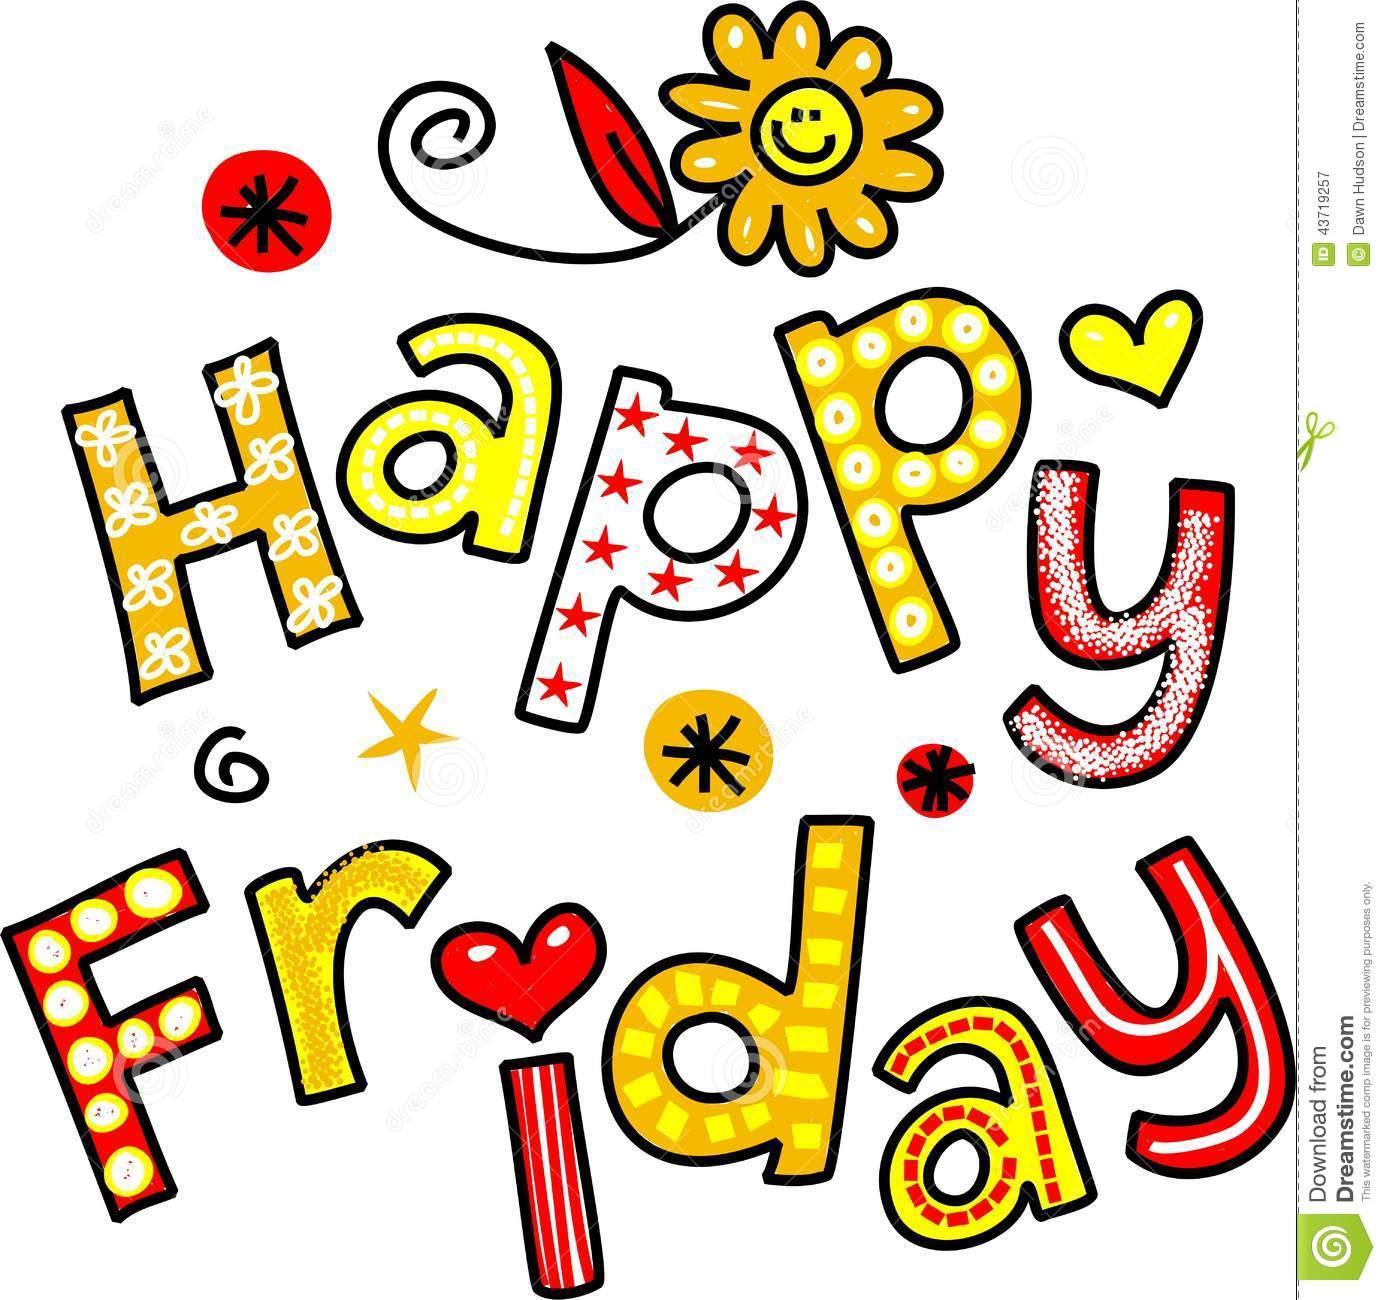 Happy Friday Cartoon Text Clipart Stock -Happy Friday Cartoon Text Clipart Stock Illustration Image 43719257-2